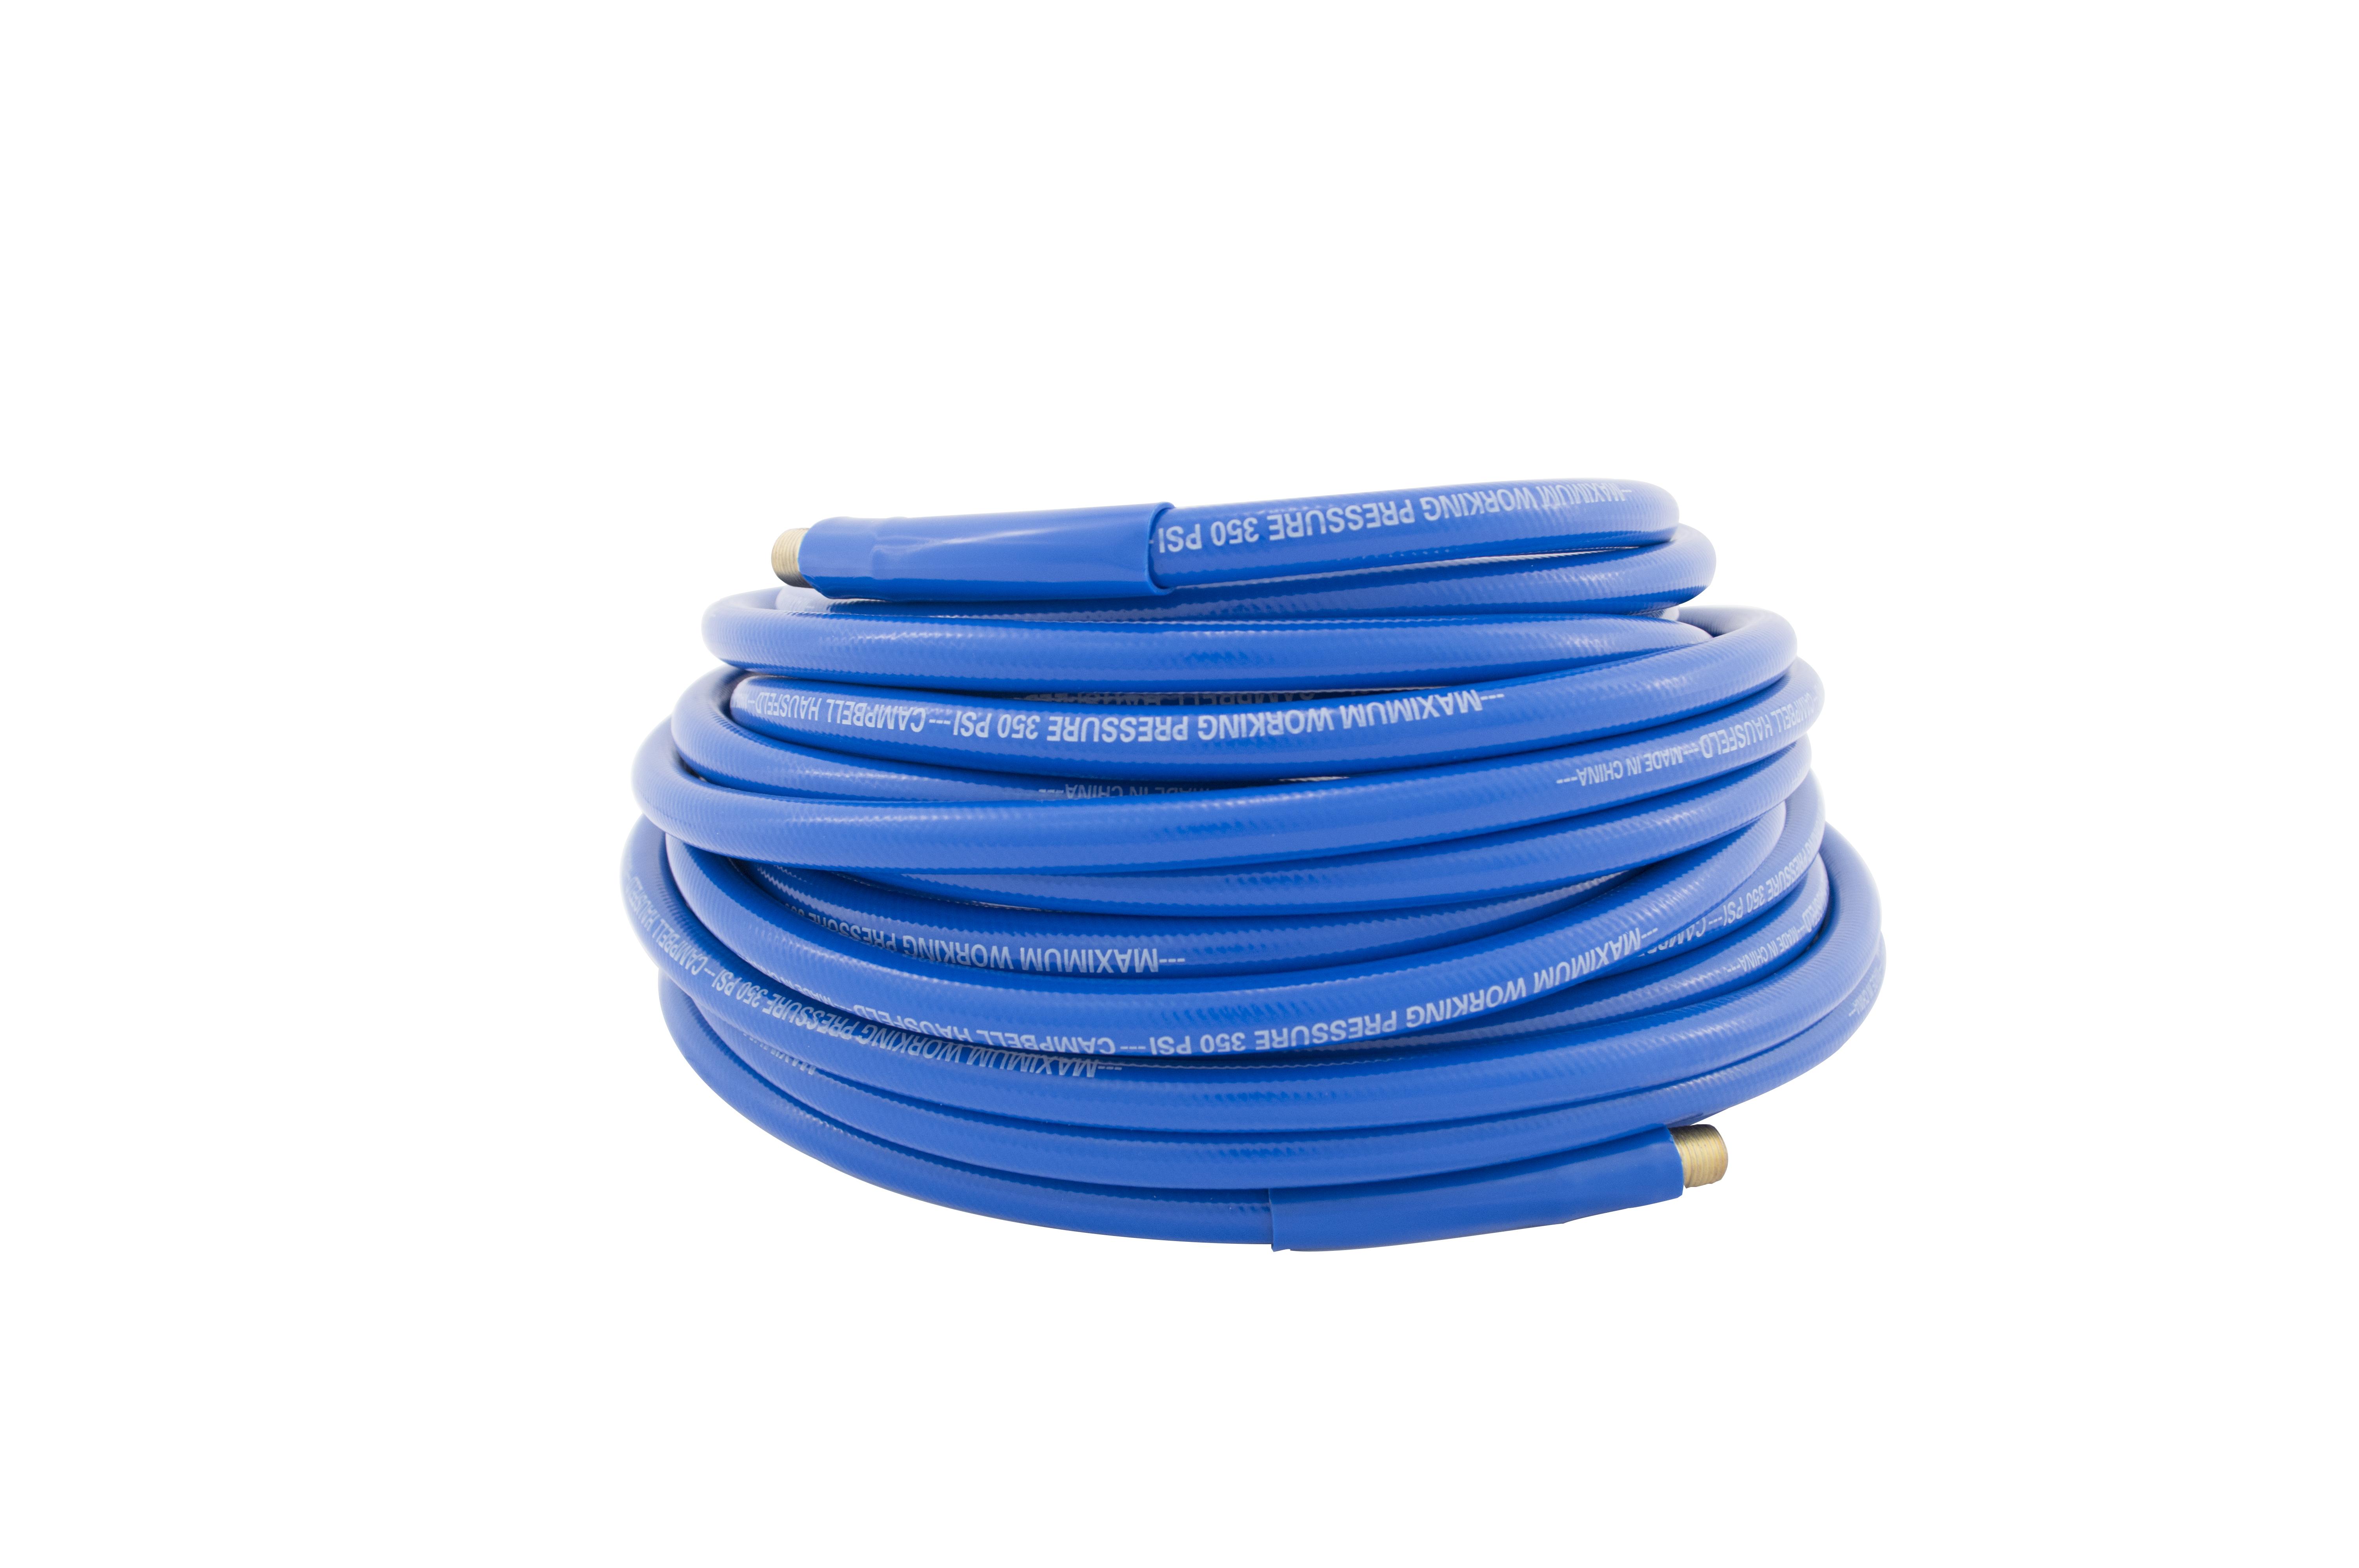 C&bell Hausfeld 3/8  x 50 Feet PVC Air Hose (PA118001AV) product ...  sc 1 st  C&bell Hausfeld & 3/8